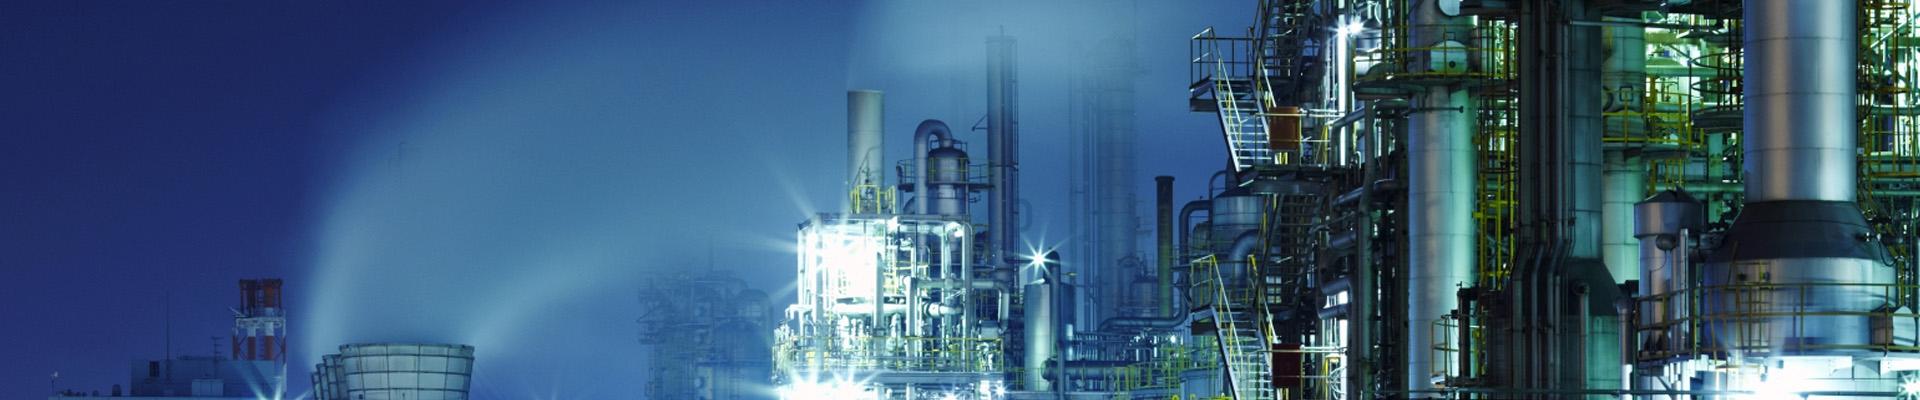 Emission_Industrielle_Ecomesure